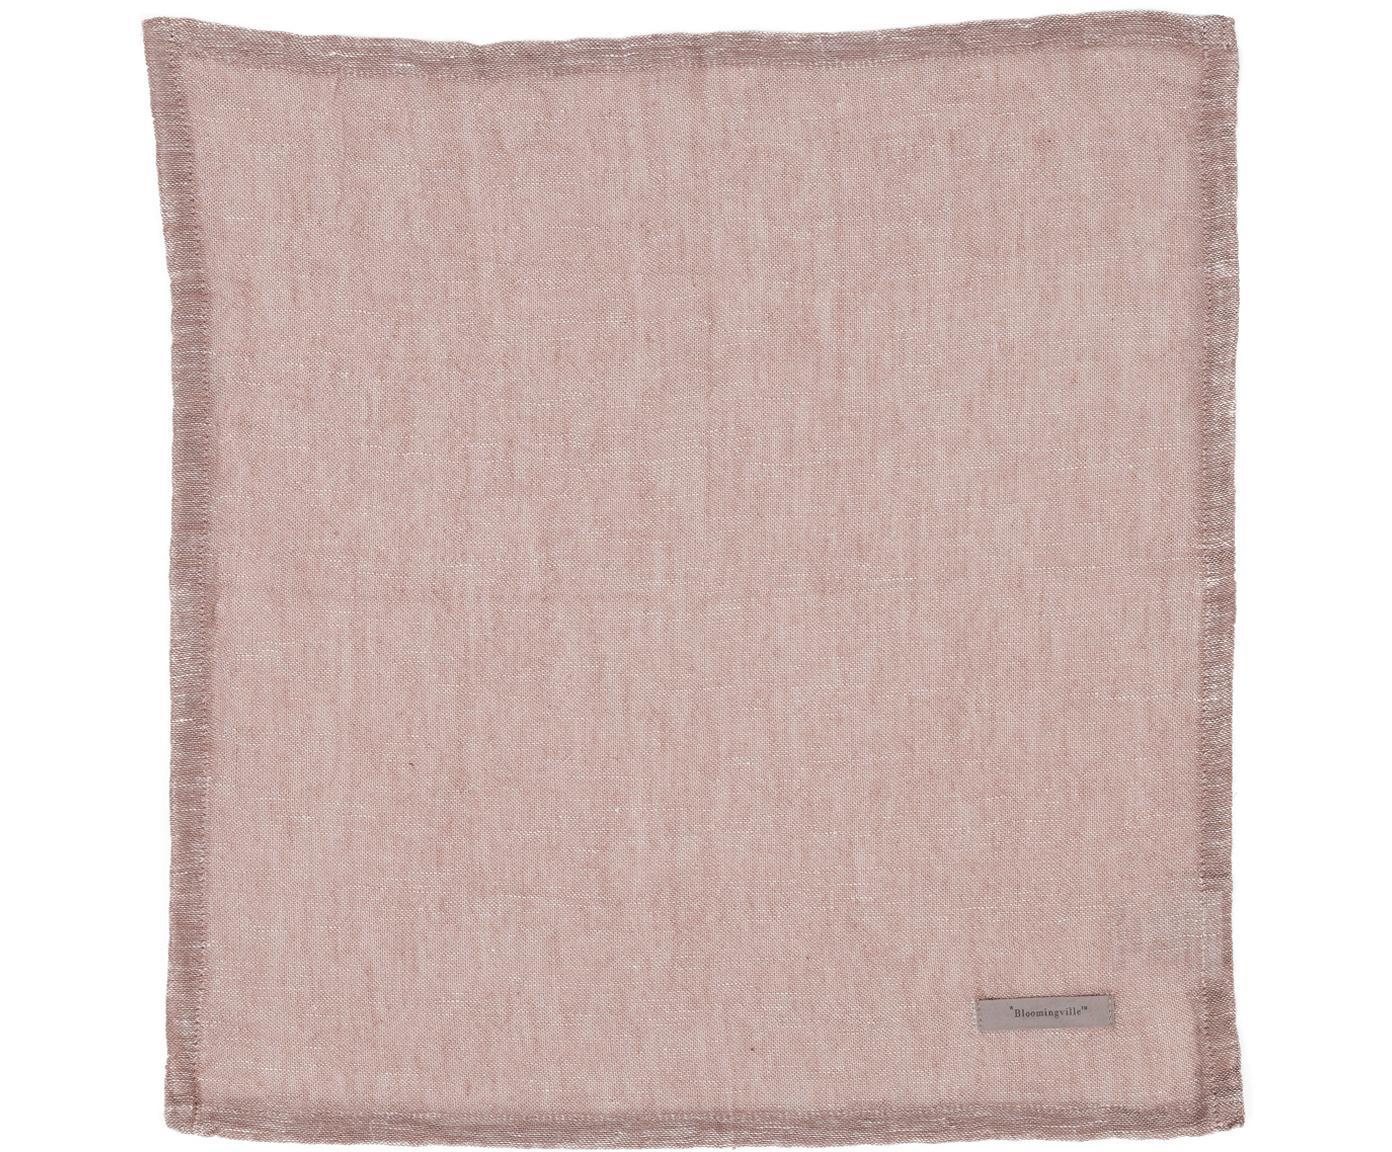 Tovagliolo in mezzo lino Kinia 4 pz, 55% cotone, 45% lino, Rosa cipria, Larg. 45 x Lung. 45 cm